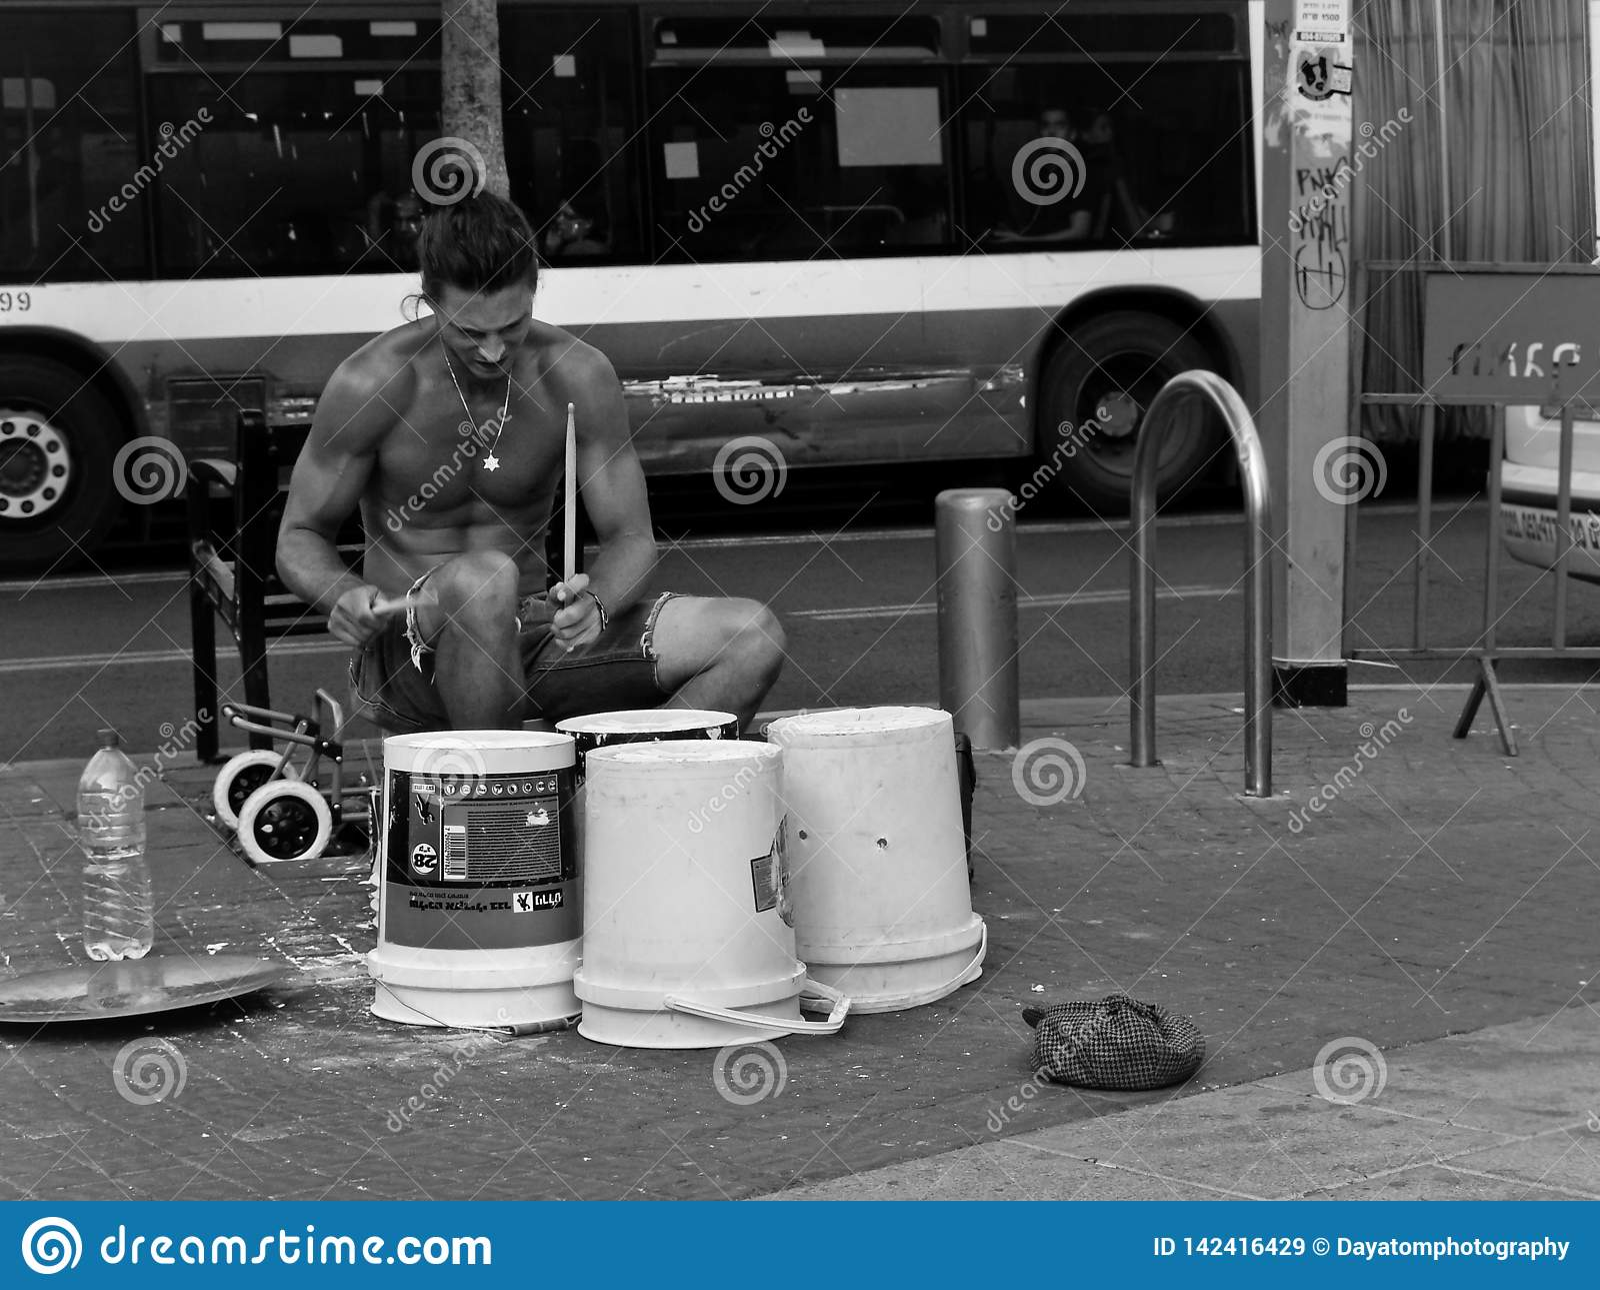 Jeune musicien beau de rue, jouant des tambours sur des boîtes de conteneur dans un environnement urbain devant un autobus